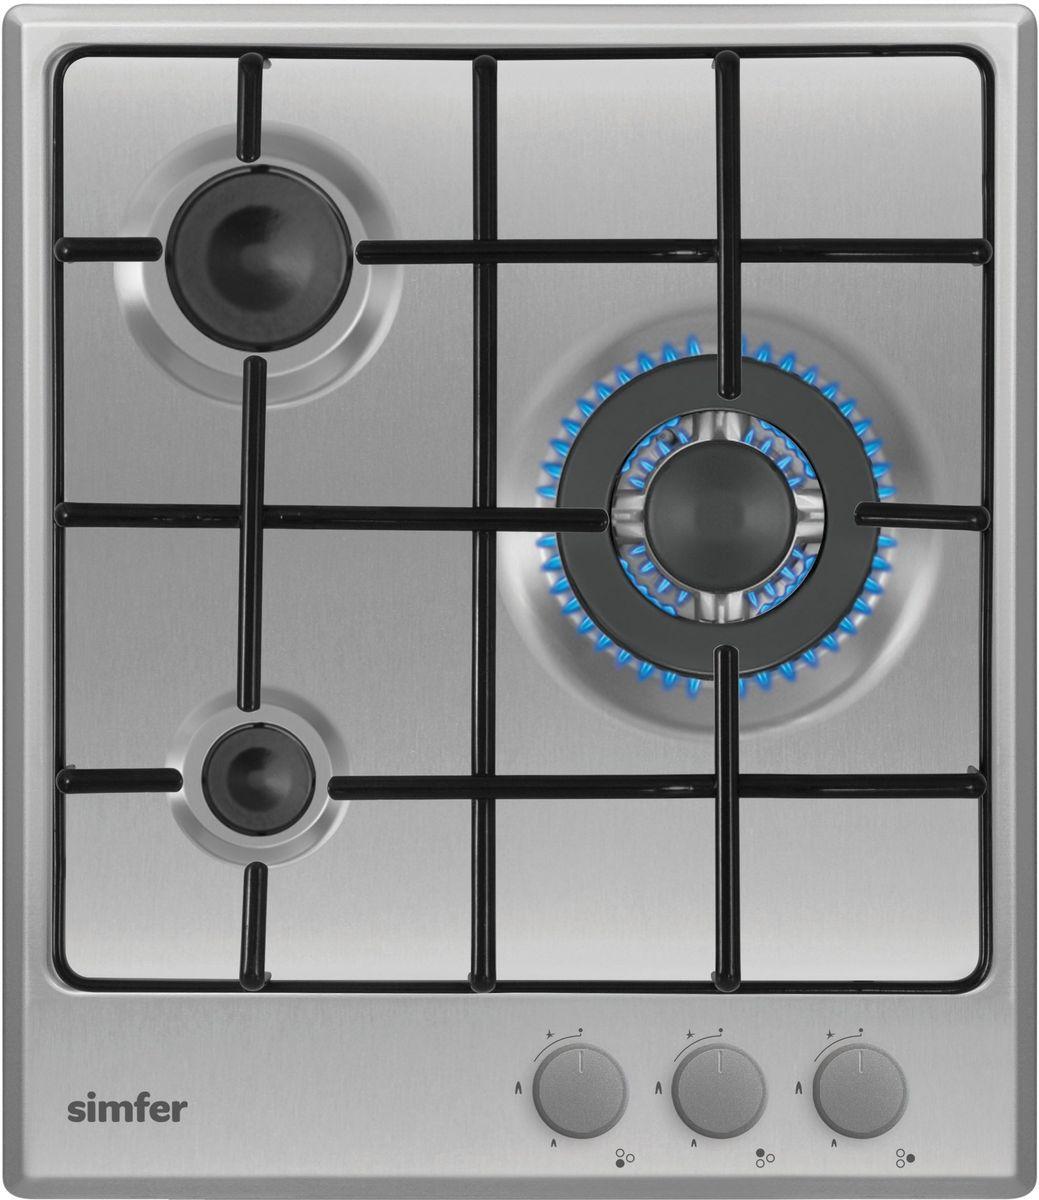 Simfer H45V35M411 панель варочная газоваяH45V35M411Газовая варочная панель Simfer H45V35M411 с чистым пламенем доведет вашу сковороду до нужной температуры без всяких задержек. Включите её и всё днище сковороды будет моментально нагрето. Благодаря идеальному расположению панели управления и индикатора уровня мощности прямо спереди этой варочной панели, любой повар, будь он левша или правша, сможет пользоваться ими с одинаковой лёгкостью. Газовая варочная поверхность Simfer H45V35M411 упрощает приготовление и делает его безопаснее благодаря особой форме подставок, обеспечивающих абсолютную устойчивость посуды. Нет способа быстрее и удобнее для того, чтобы разжечь конфорку, чем автоподжиг варочной панели. Просто поверните ручку, чтобы открыть и зажечь газ одним плавным движением.